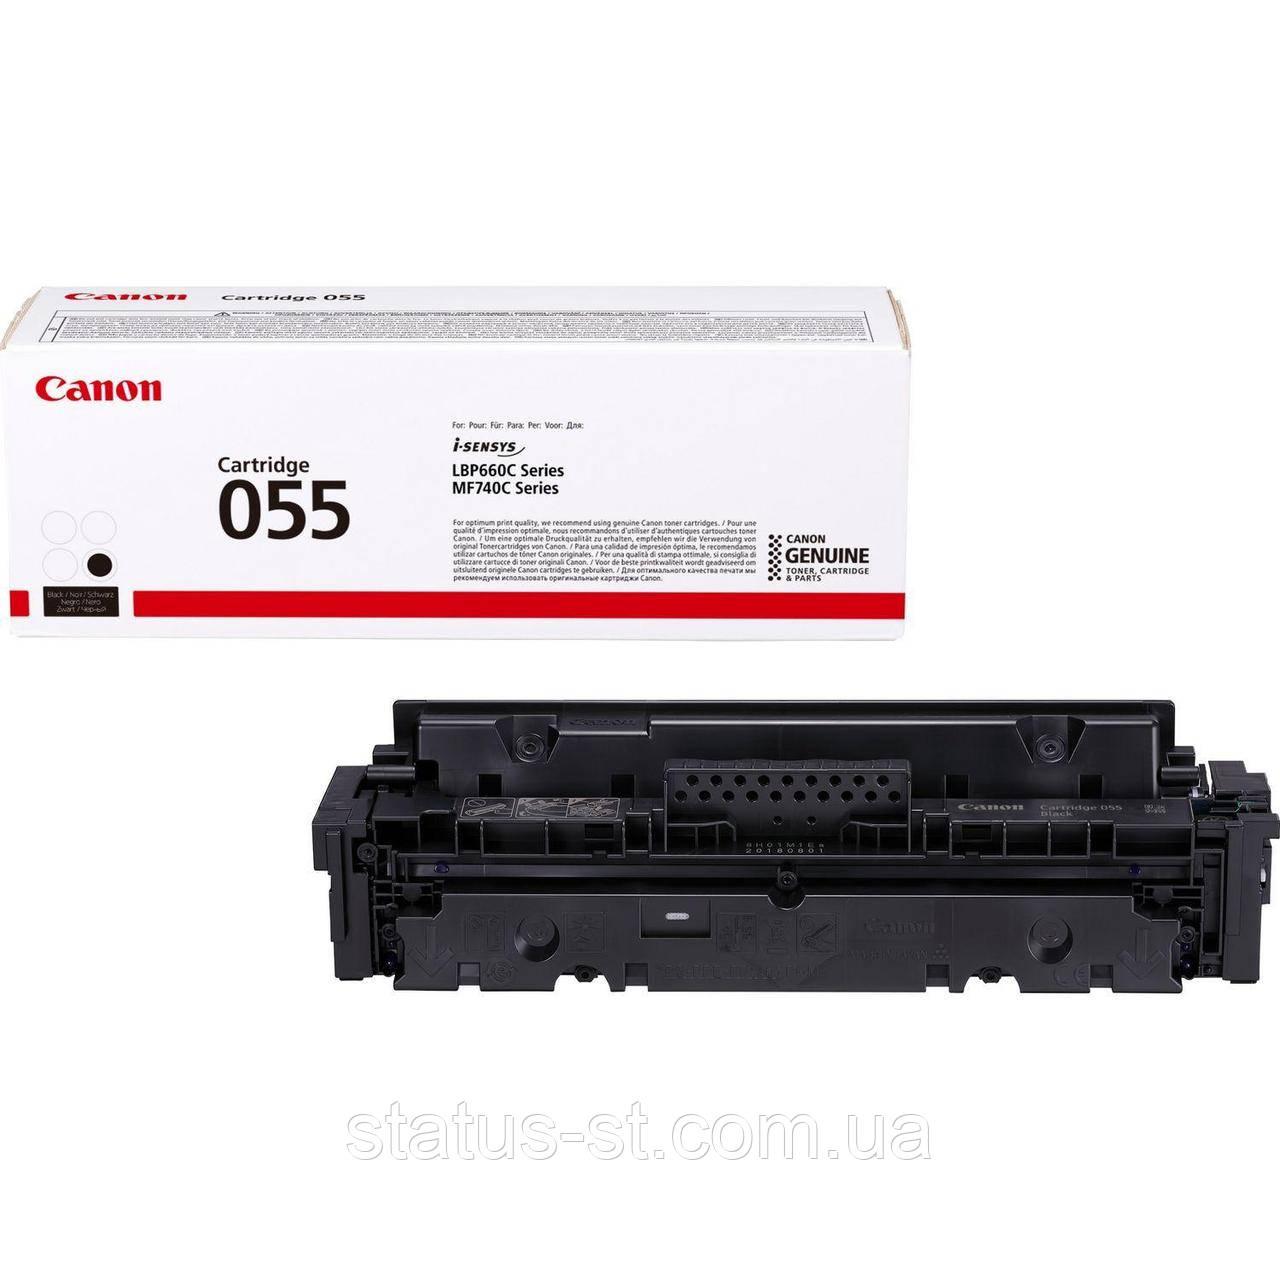 Заправка картриджа Canon 055 black для друку i-sensys MF742Cdw, MF744Cdw, MF746Cx, LBP663Cdw, LBP664Cx